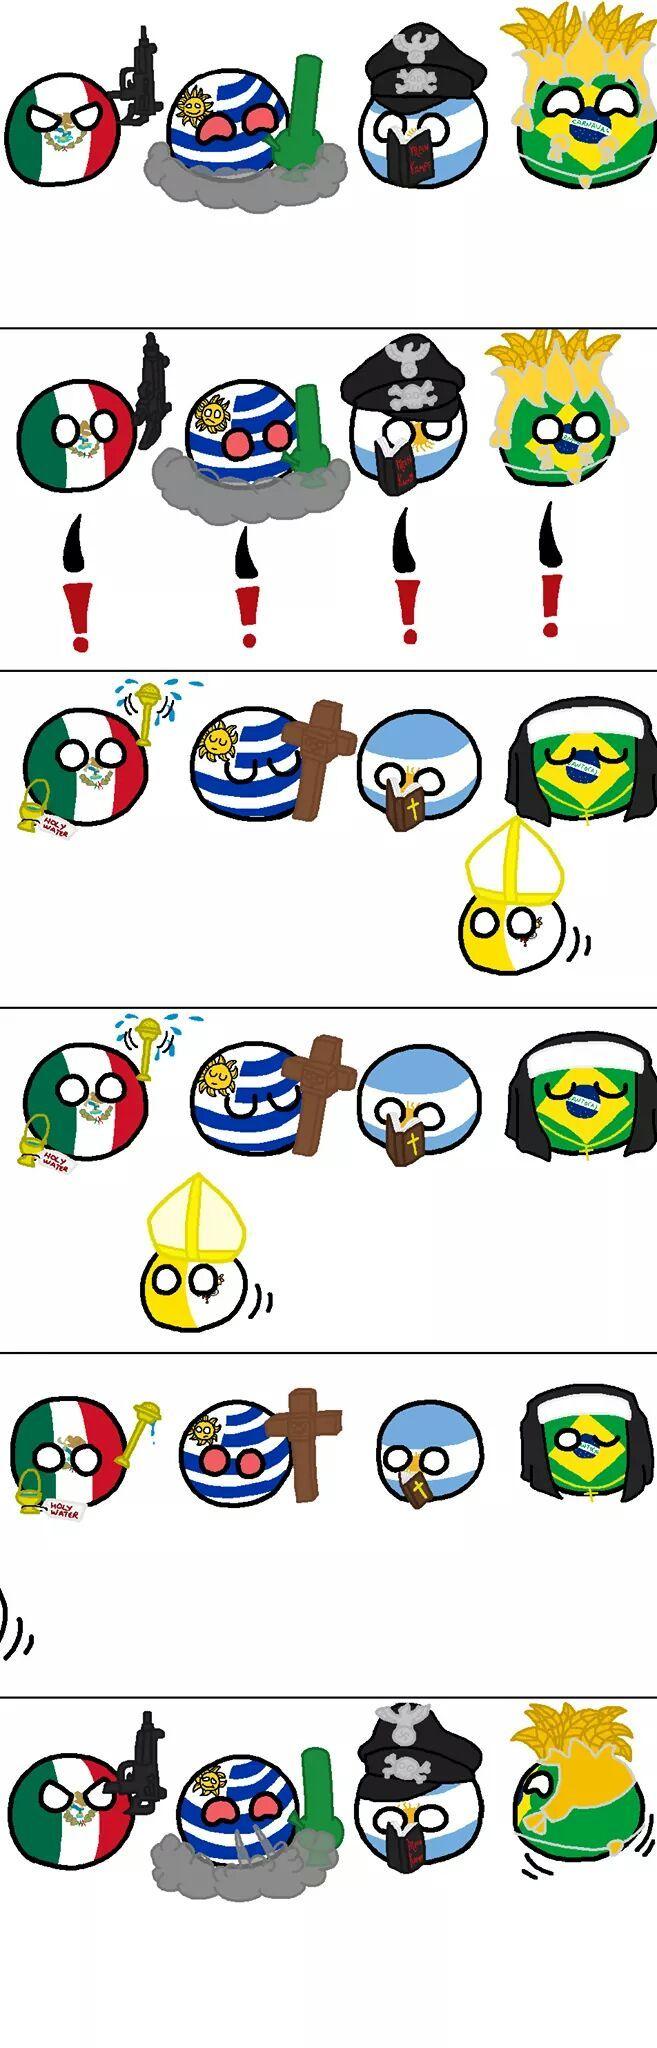 Todos santos cuando pasa el Papa - meme